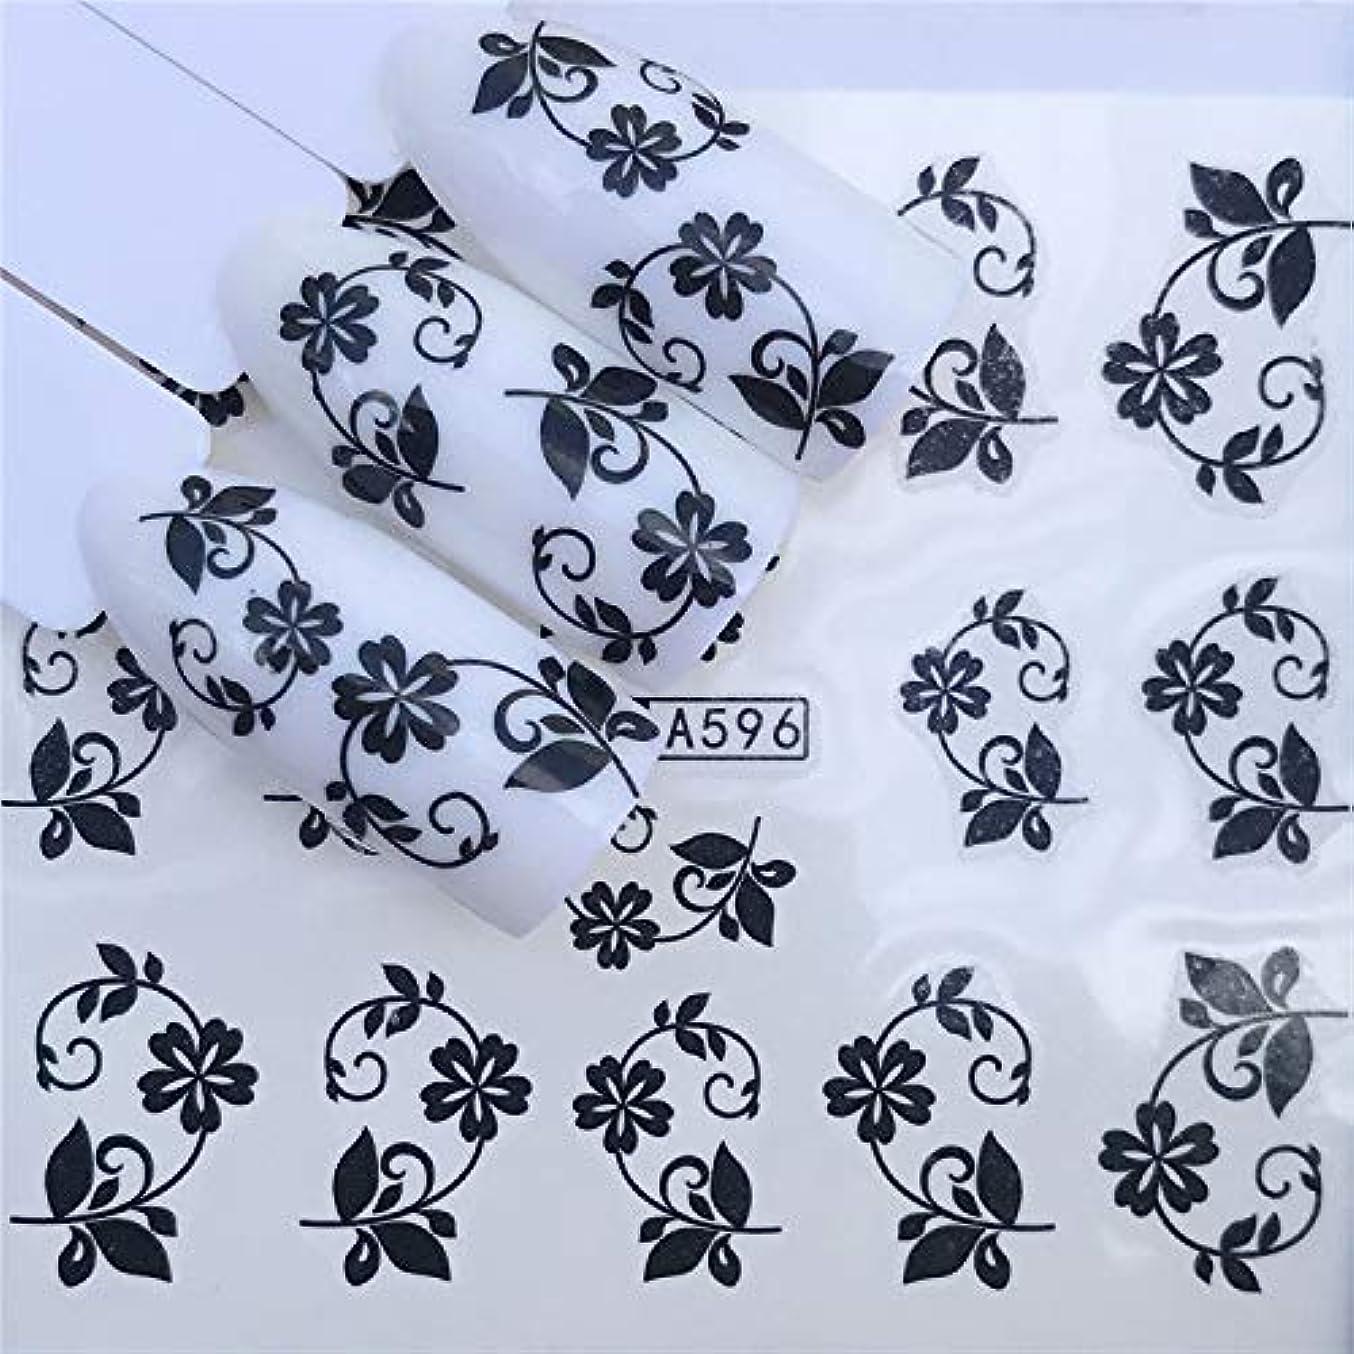 Yan 3個ネイルステッカーセットデカール水転写スライダーネイルアートデコレーション、色:YZWA 596